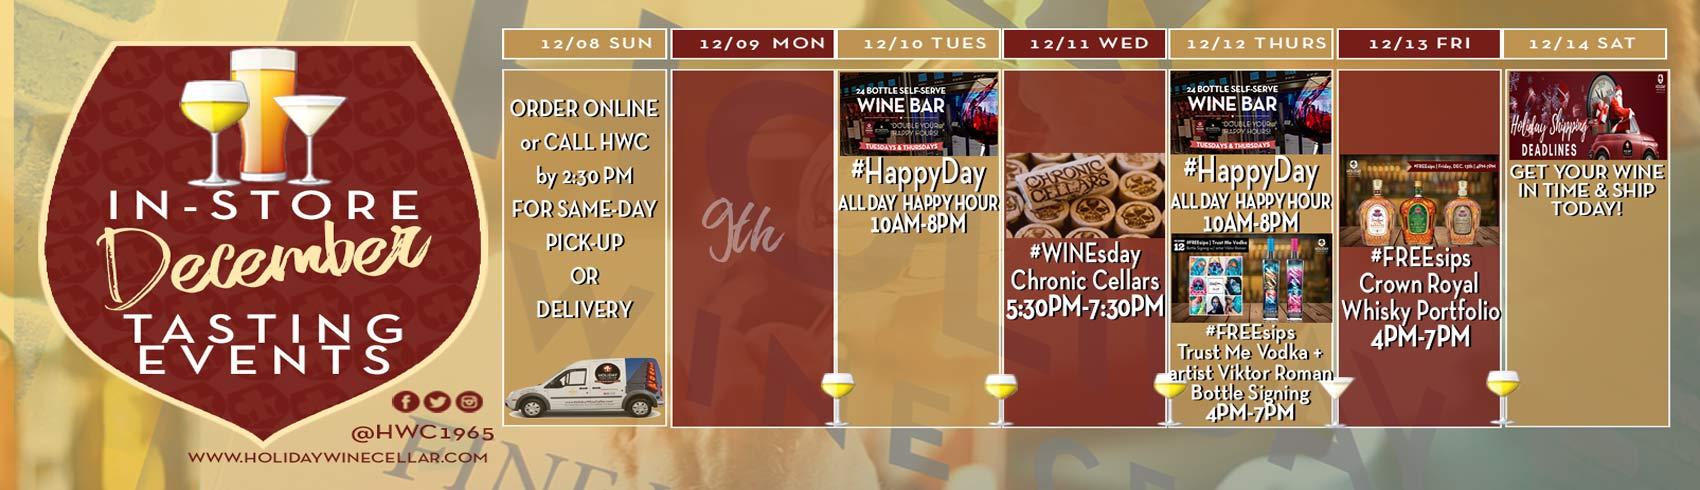 1-week-calendar-1208-121419.jpg